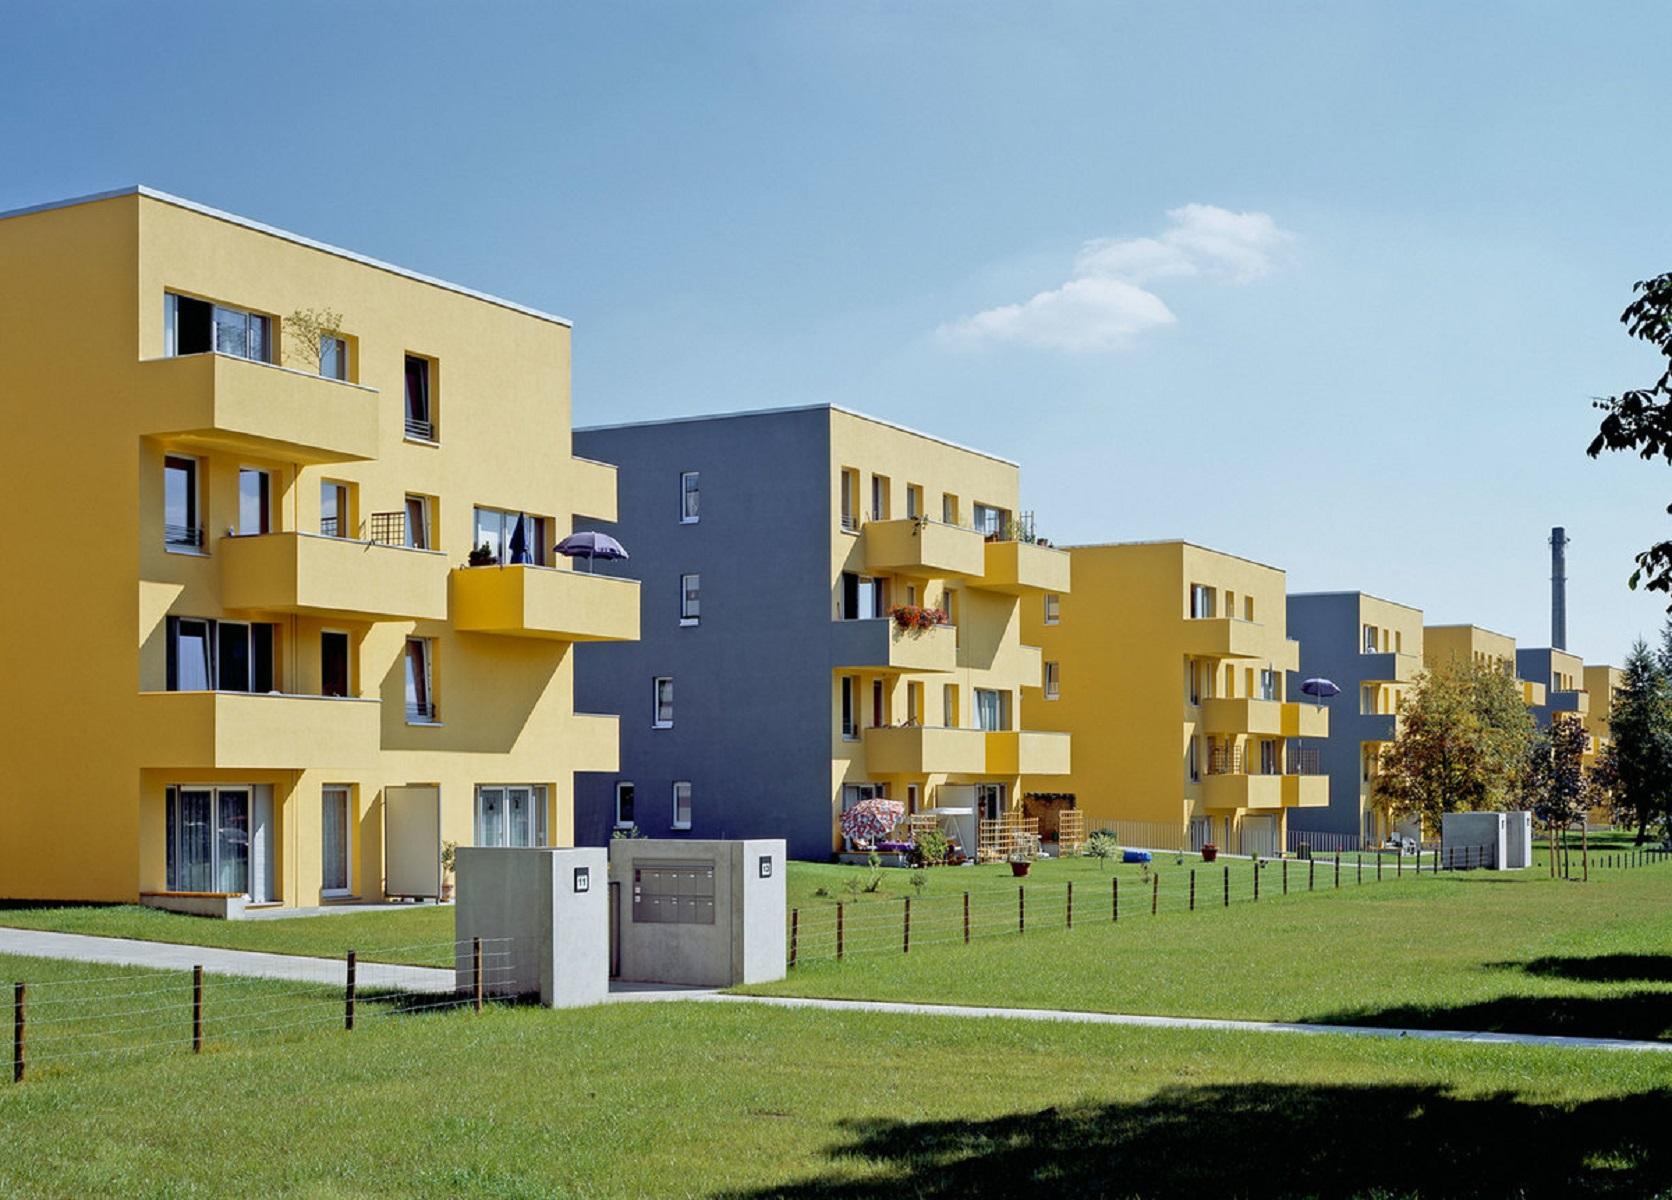 Недорогие квартиры в четырехэтажных домах для молодых семей —  еще один проект Штефана Форстера, 2004 год